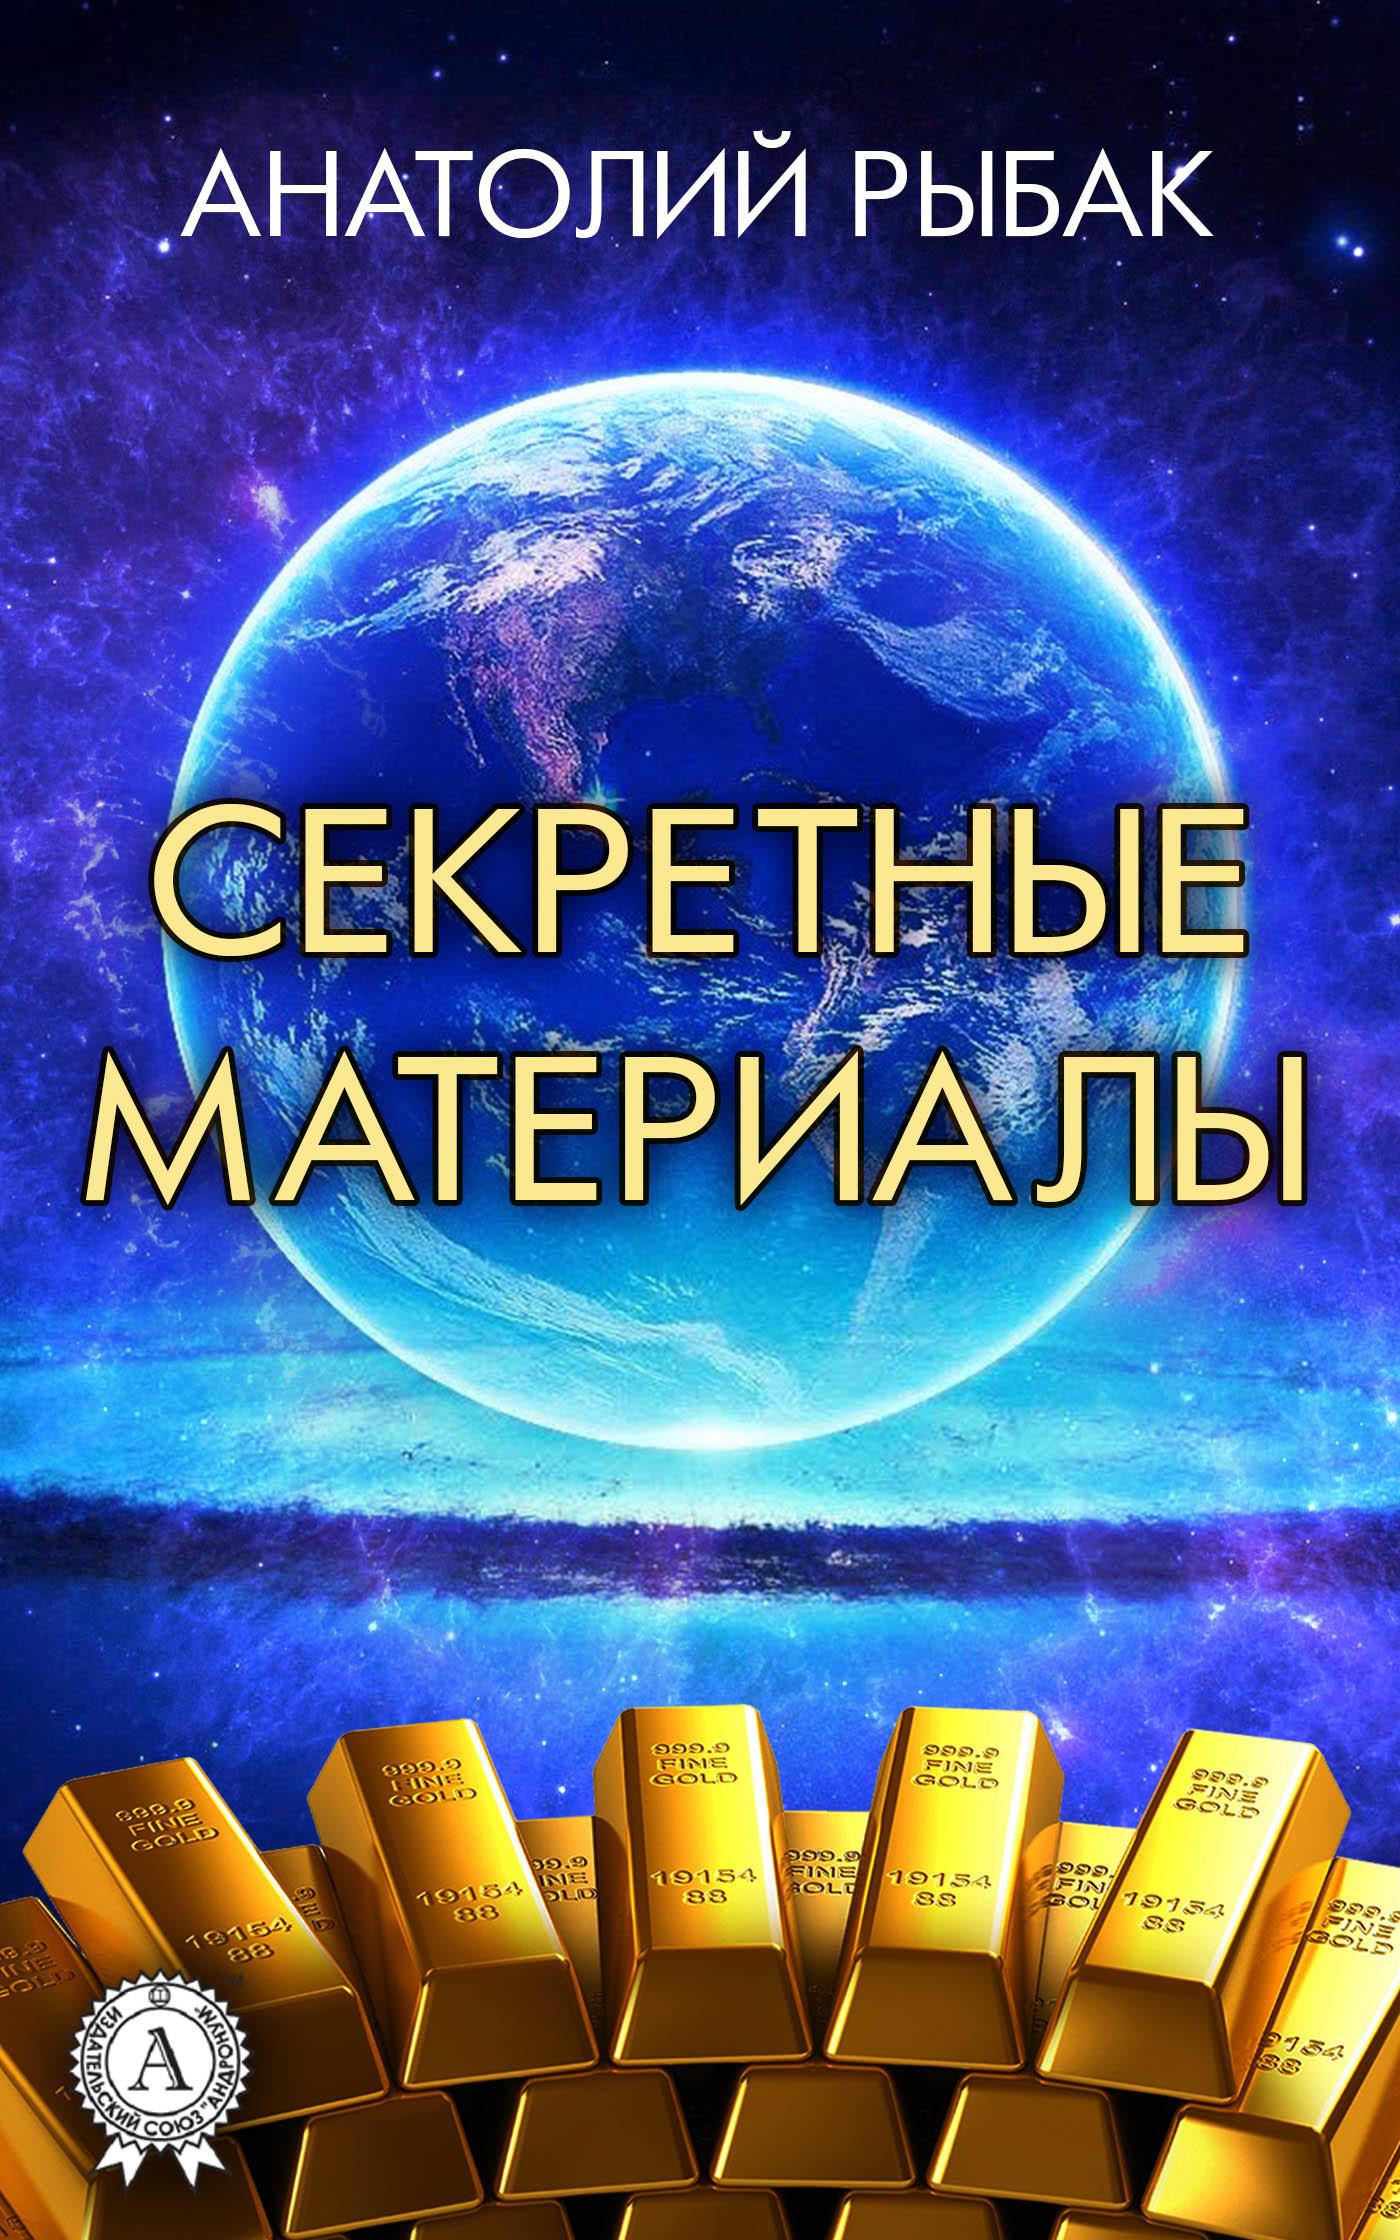 Анатолий Рыбак - Секретные материалы